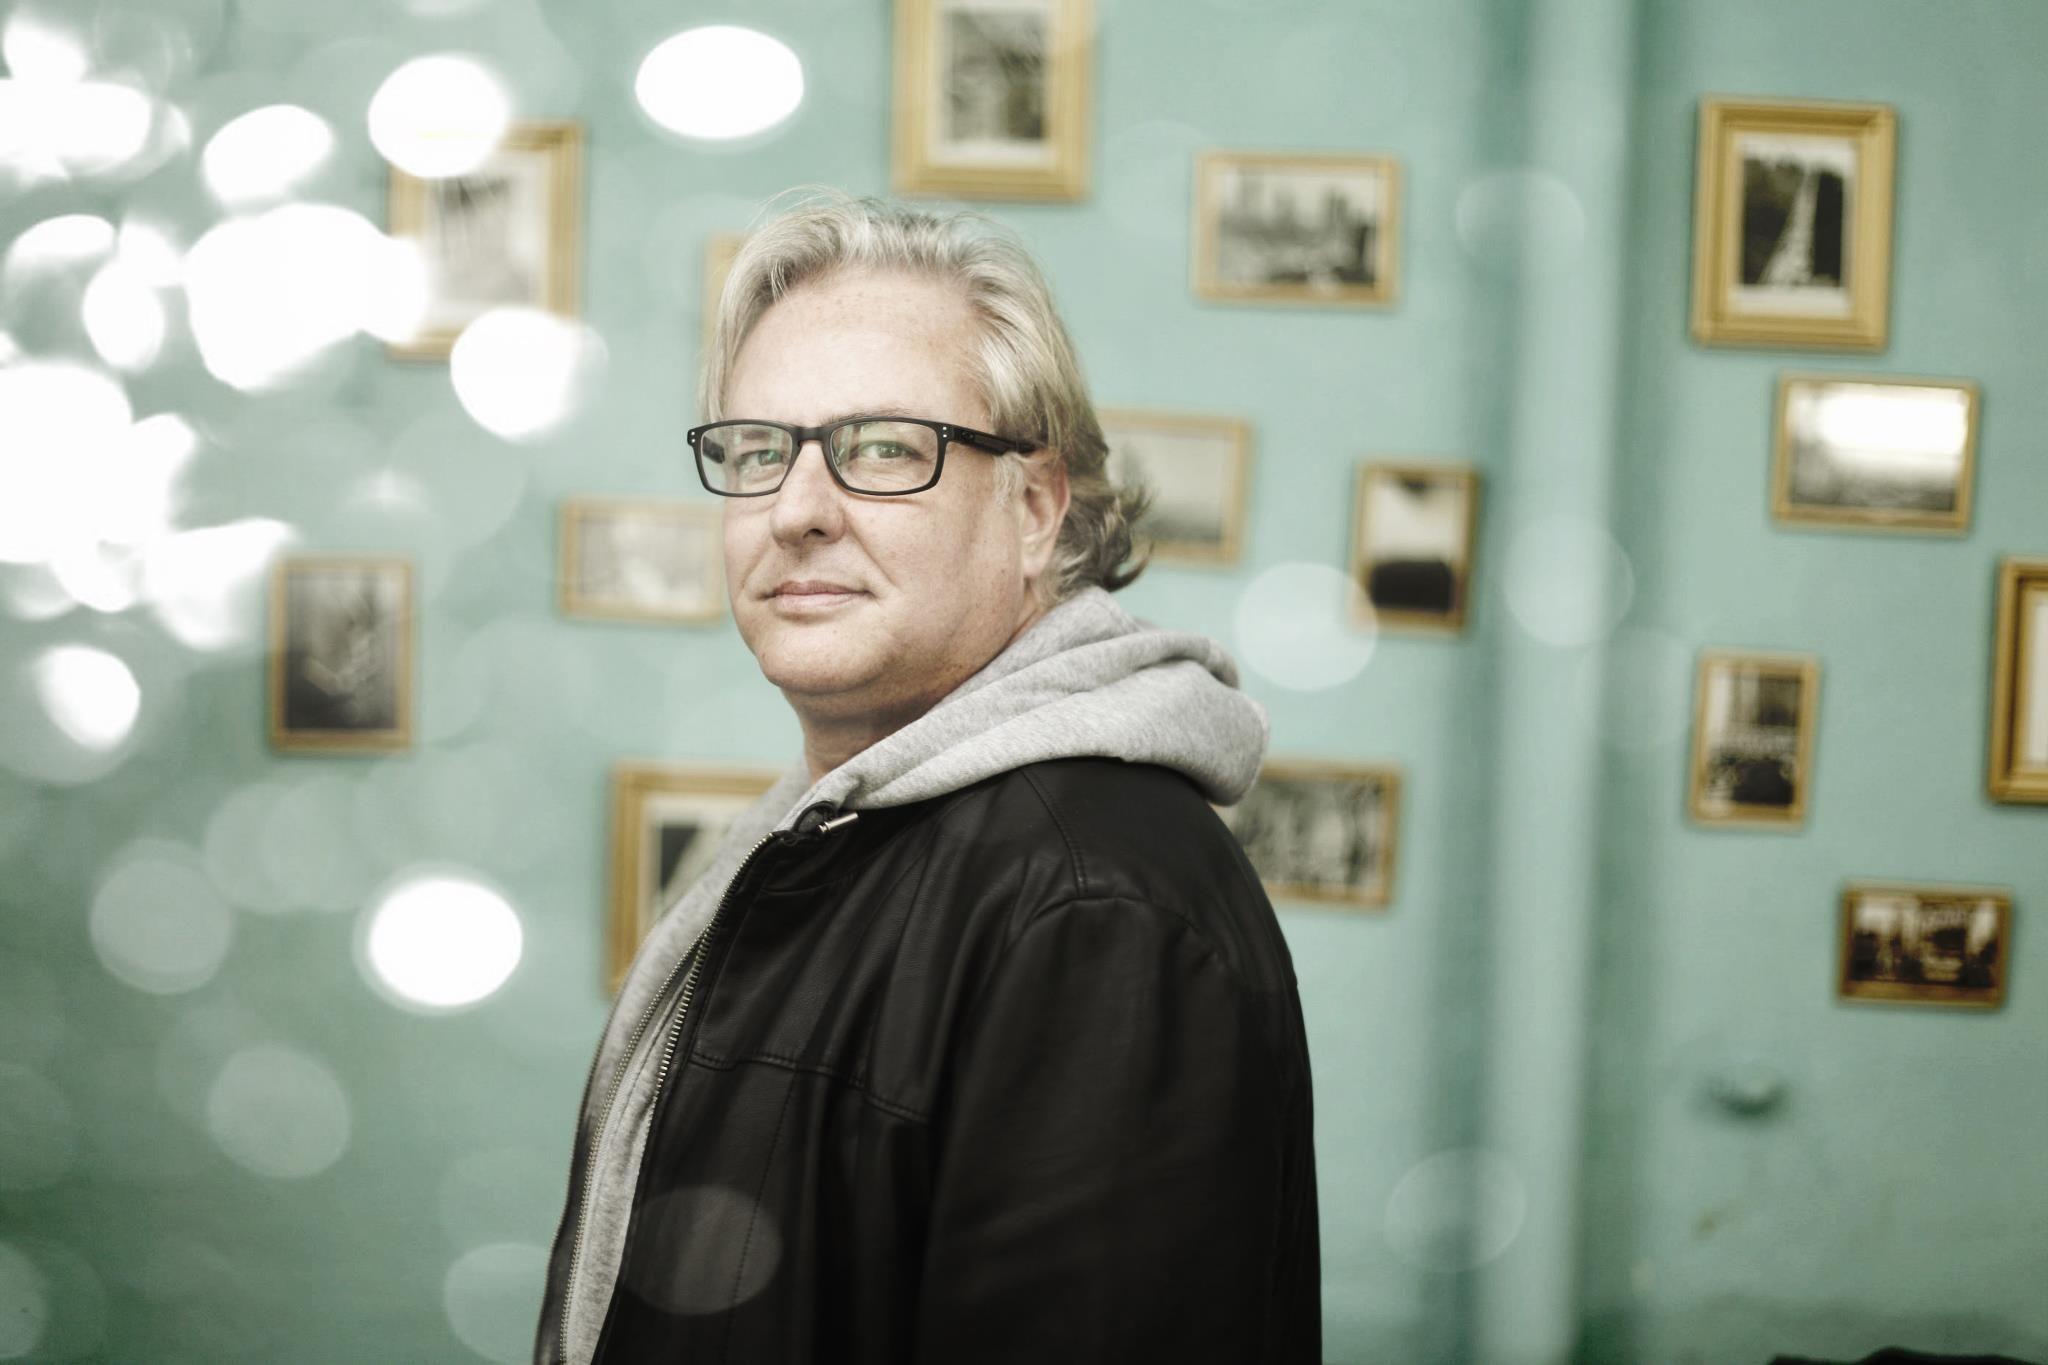 Eddy Cardellach el productor de cine del momento